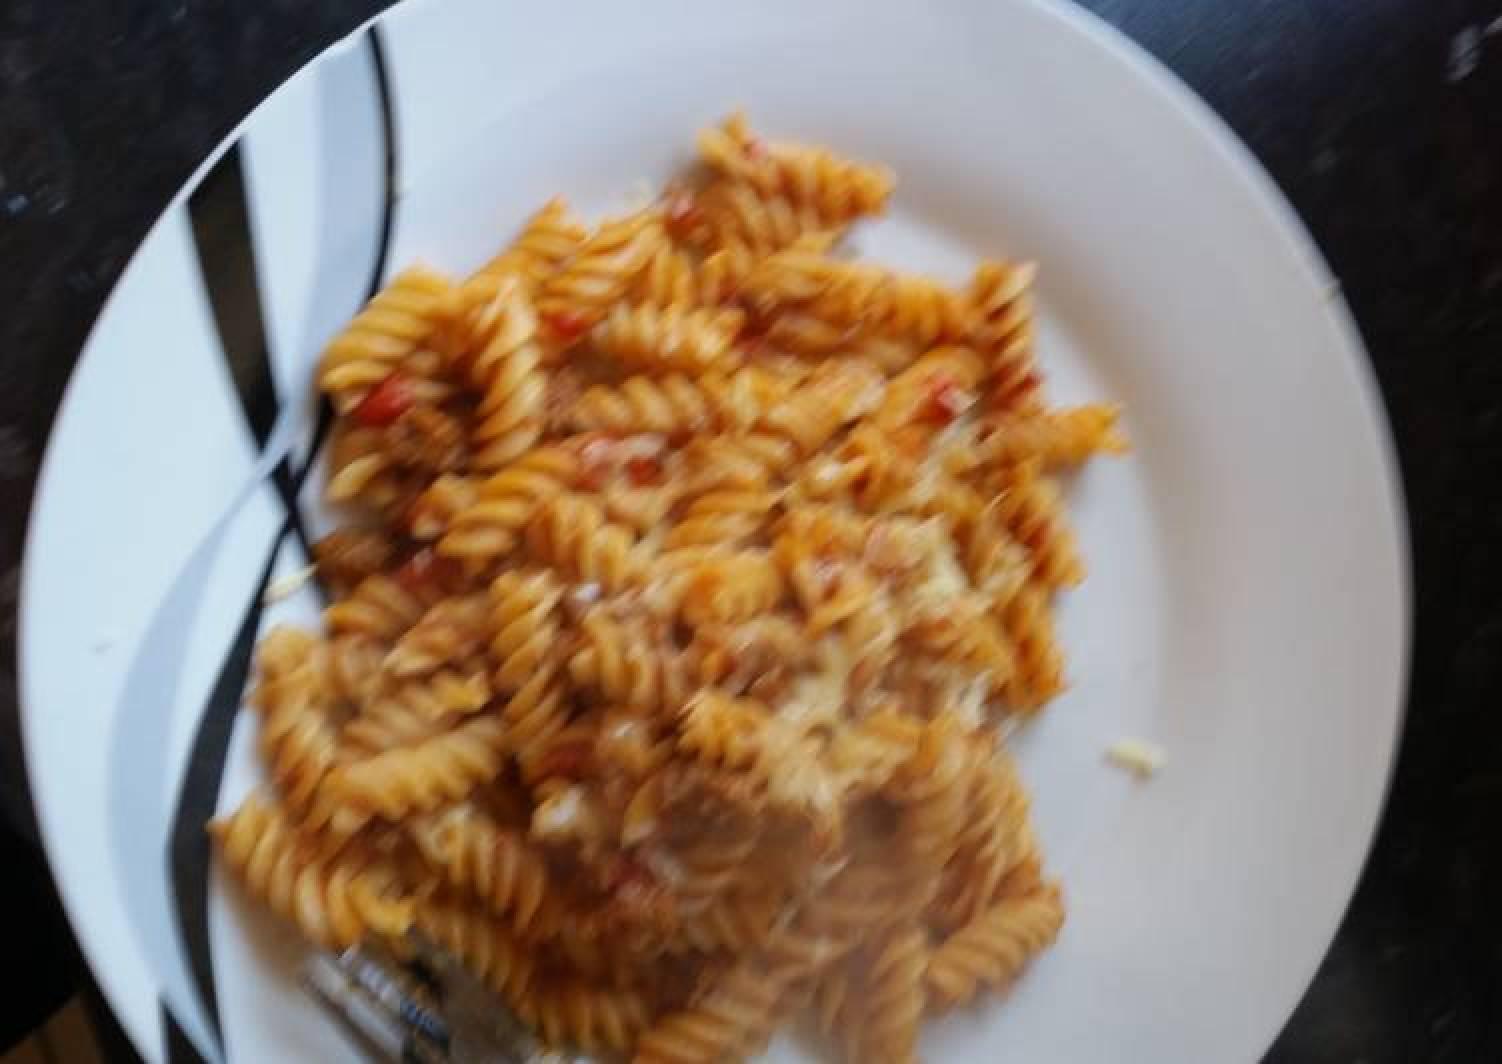 Quorn pasta